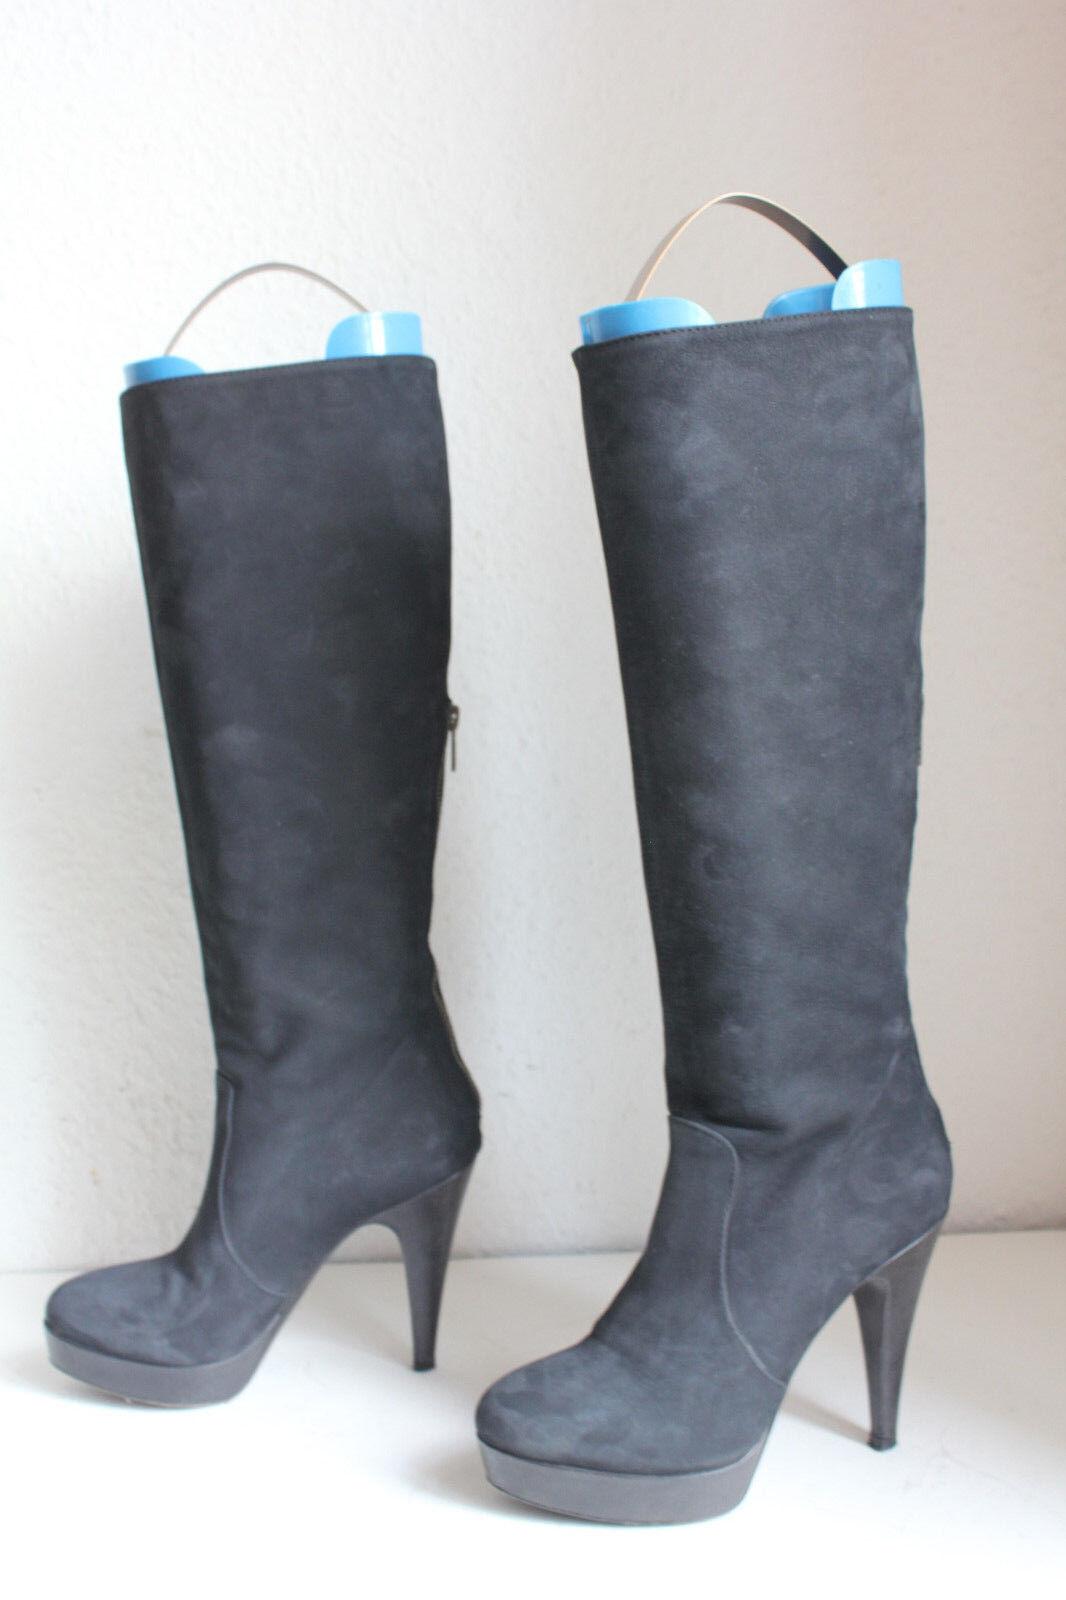 Fiori Nubukleder Francesi Luxus Elegante High Stiefel Stiefel Nubukleder Fiori Schwarz Eu:36 5e7405